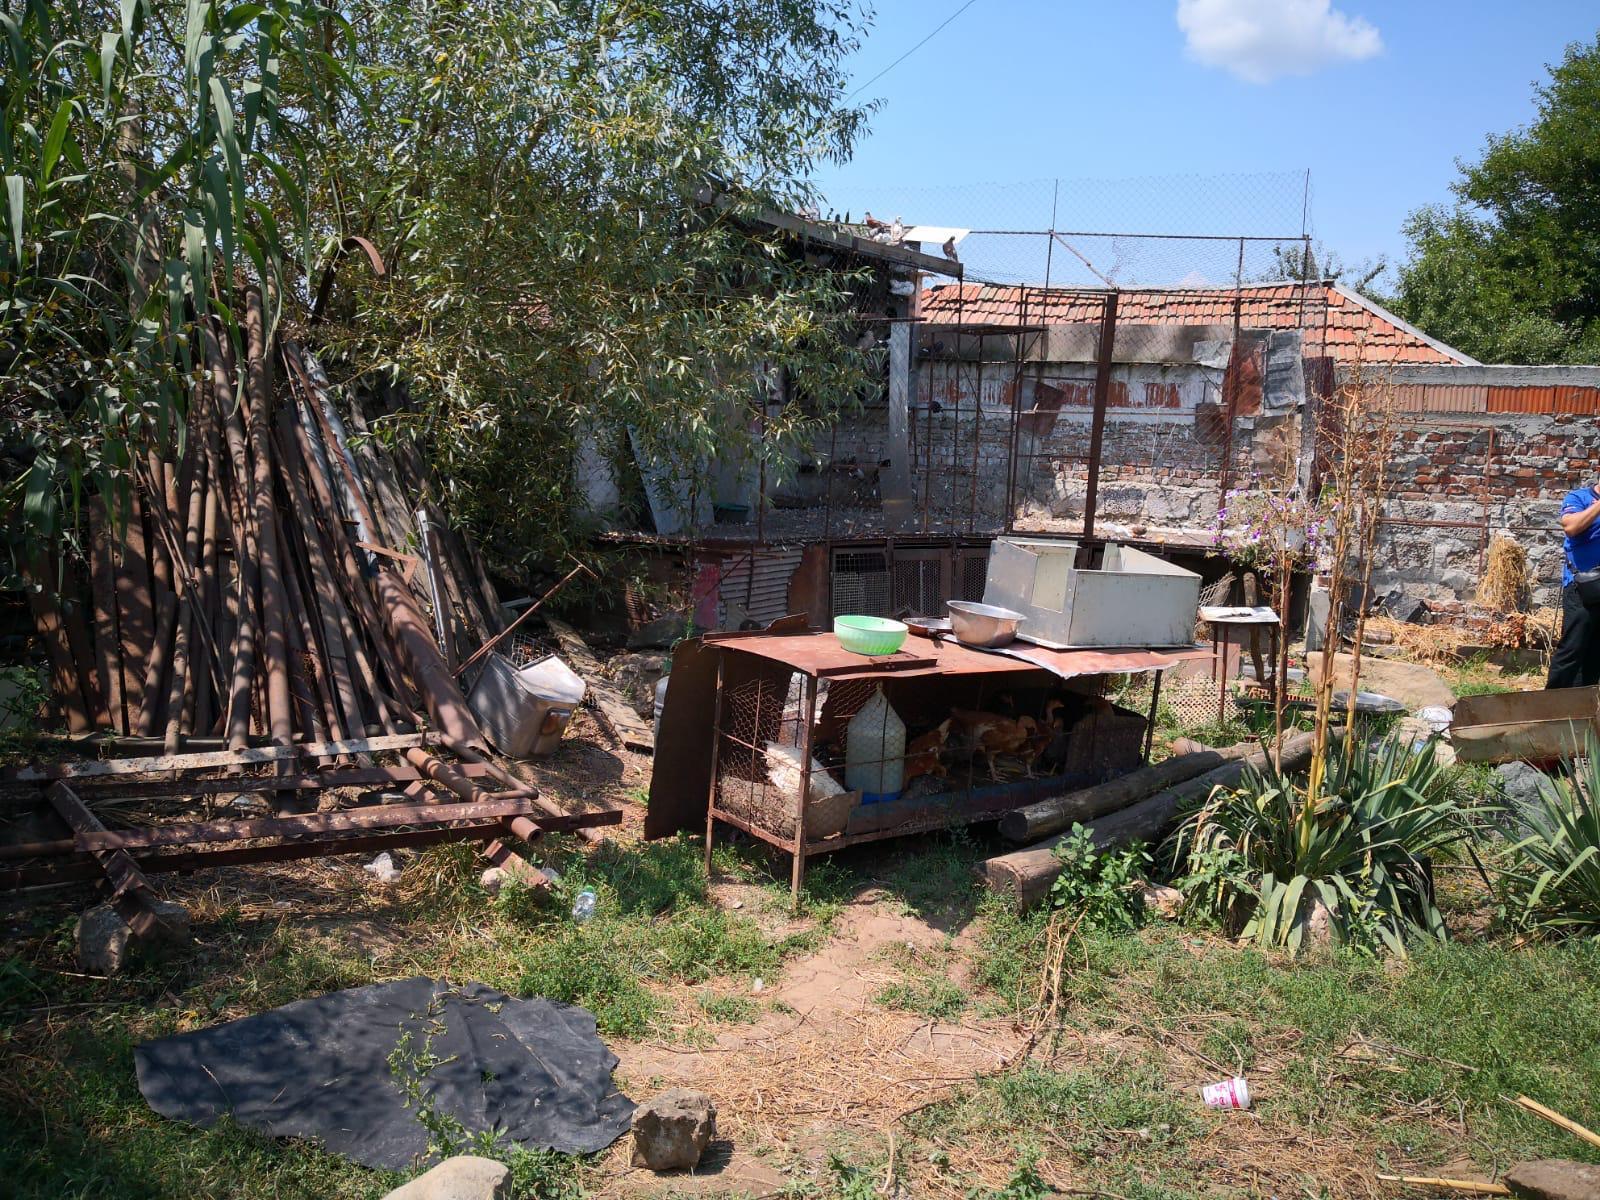 APEL disperat al Alexandrei la 112, fata care a căzut victimă criminalului din Caracal: Sunt într-o casă părăsită/ STS arată spre operatorul de telefonie: Victima a sunat de trei ori / STS nu a localizat apelul